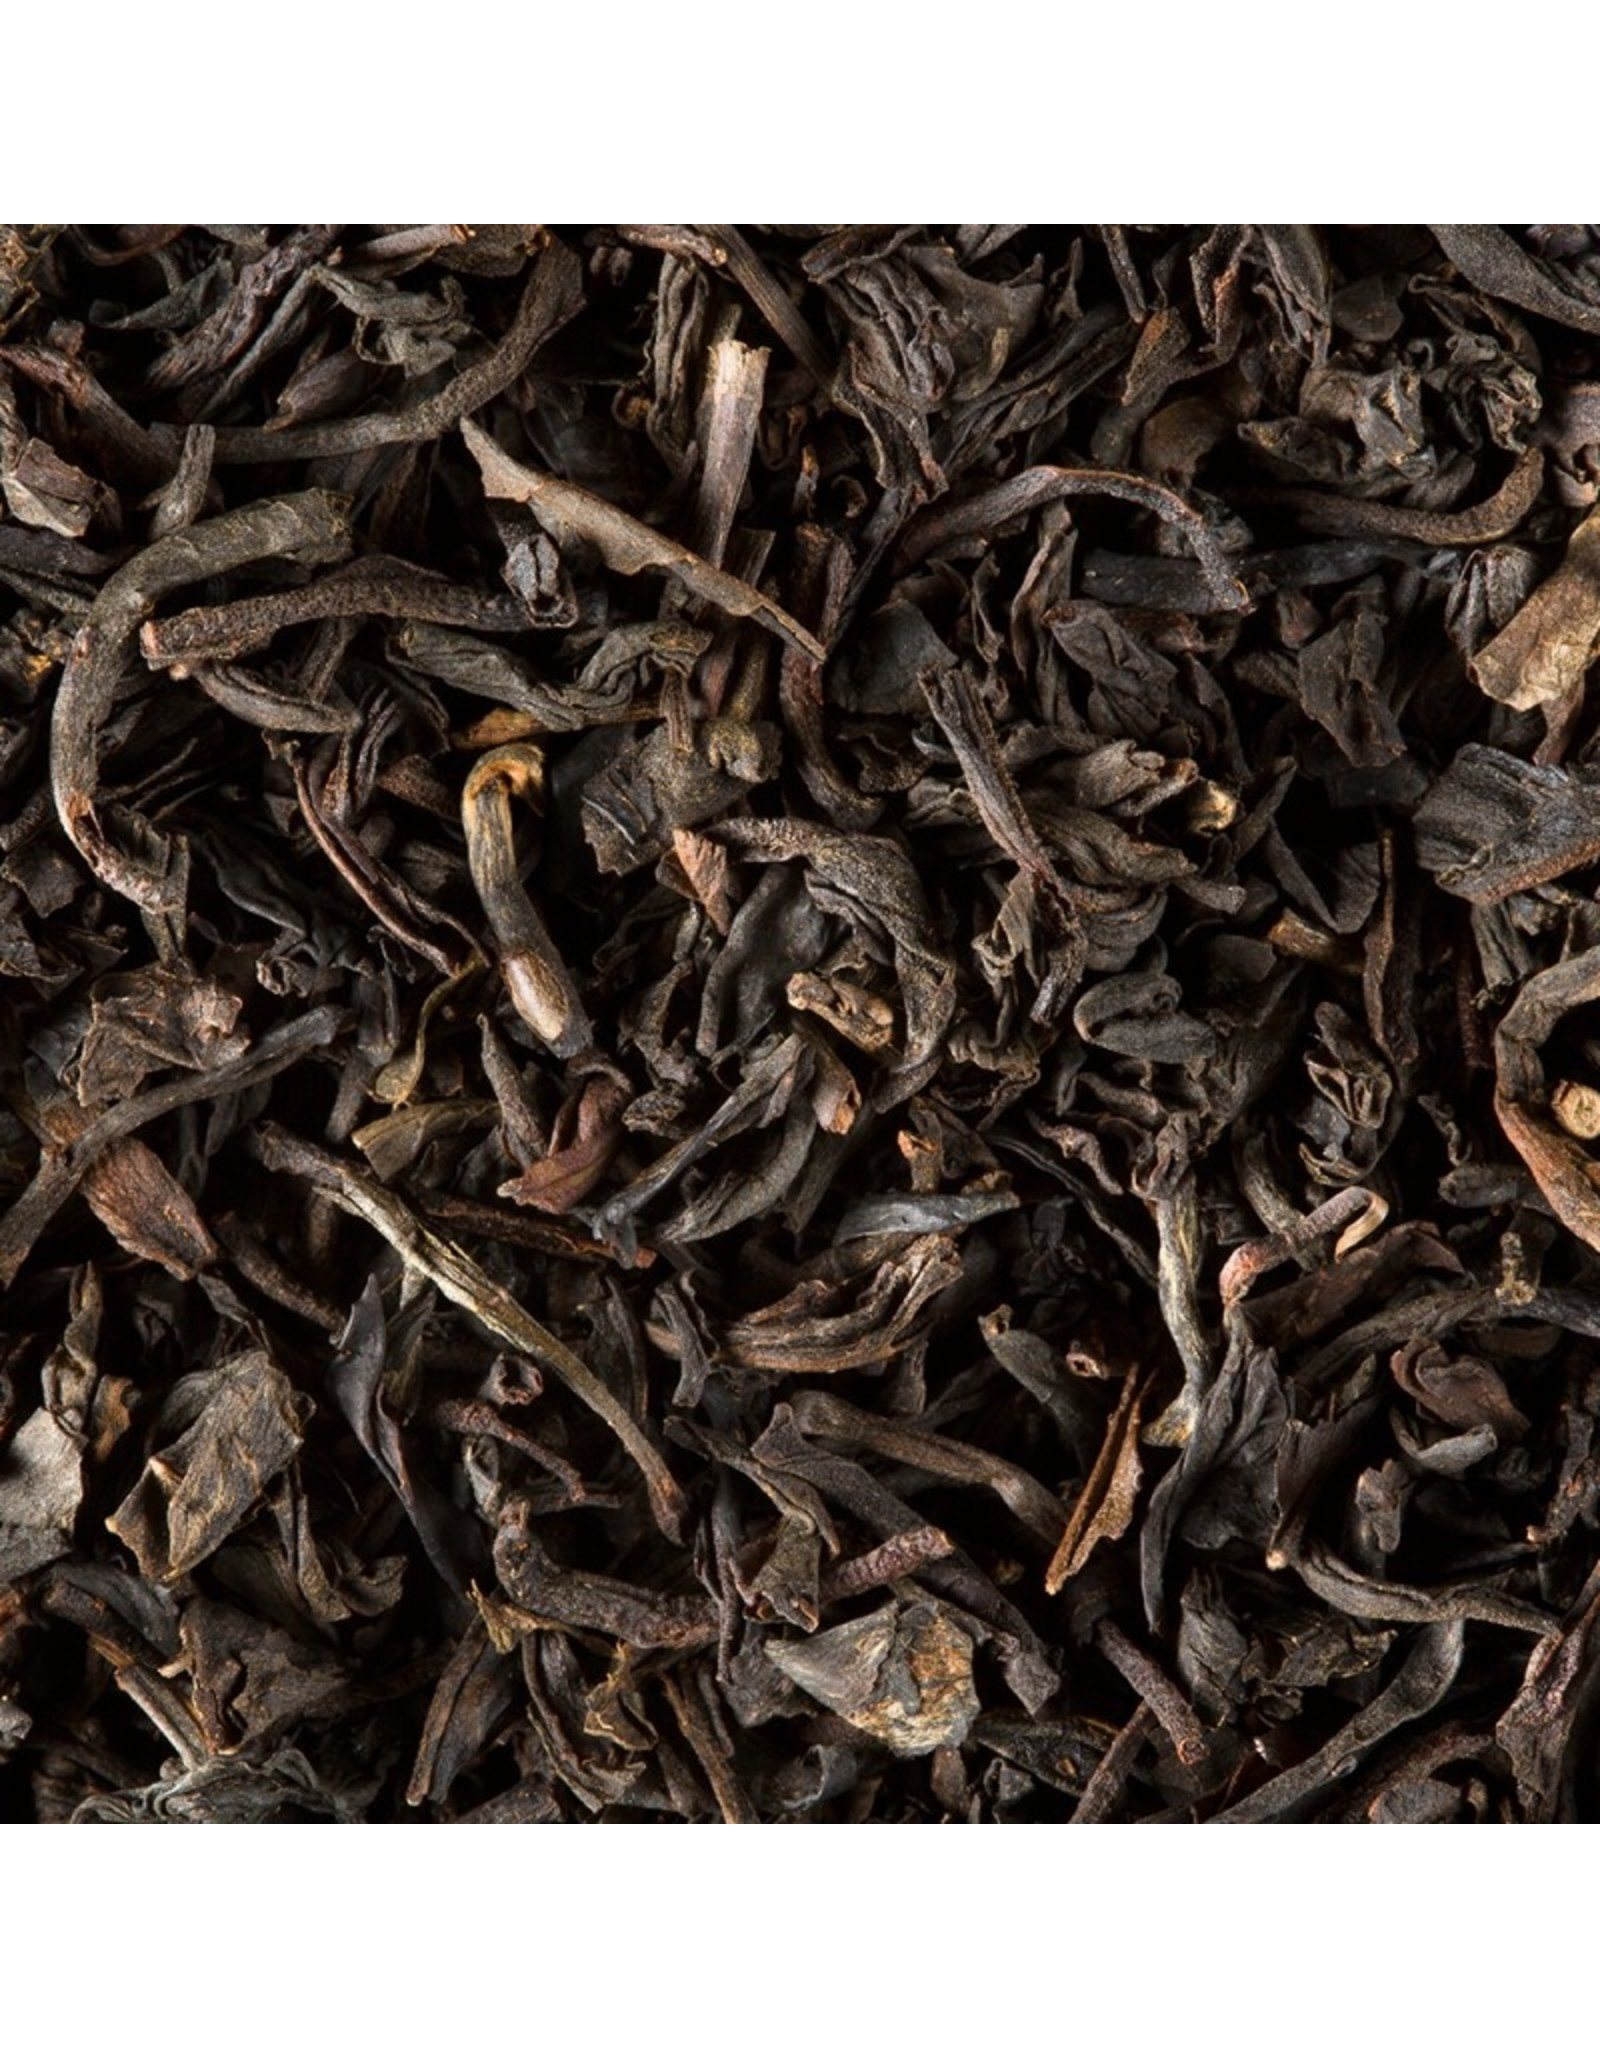 Dammann 'Paul et Virginie' Flavoured Black tea